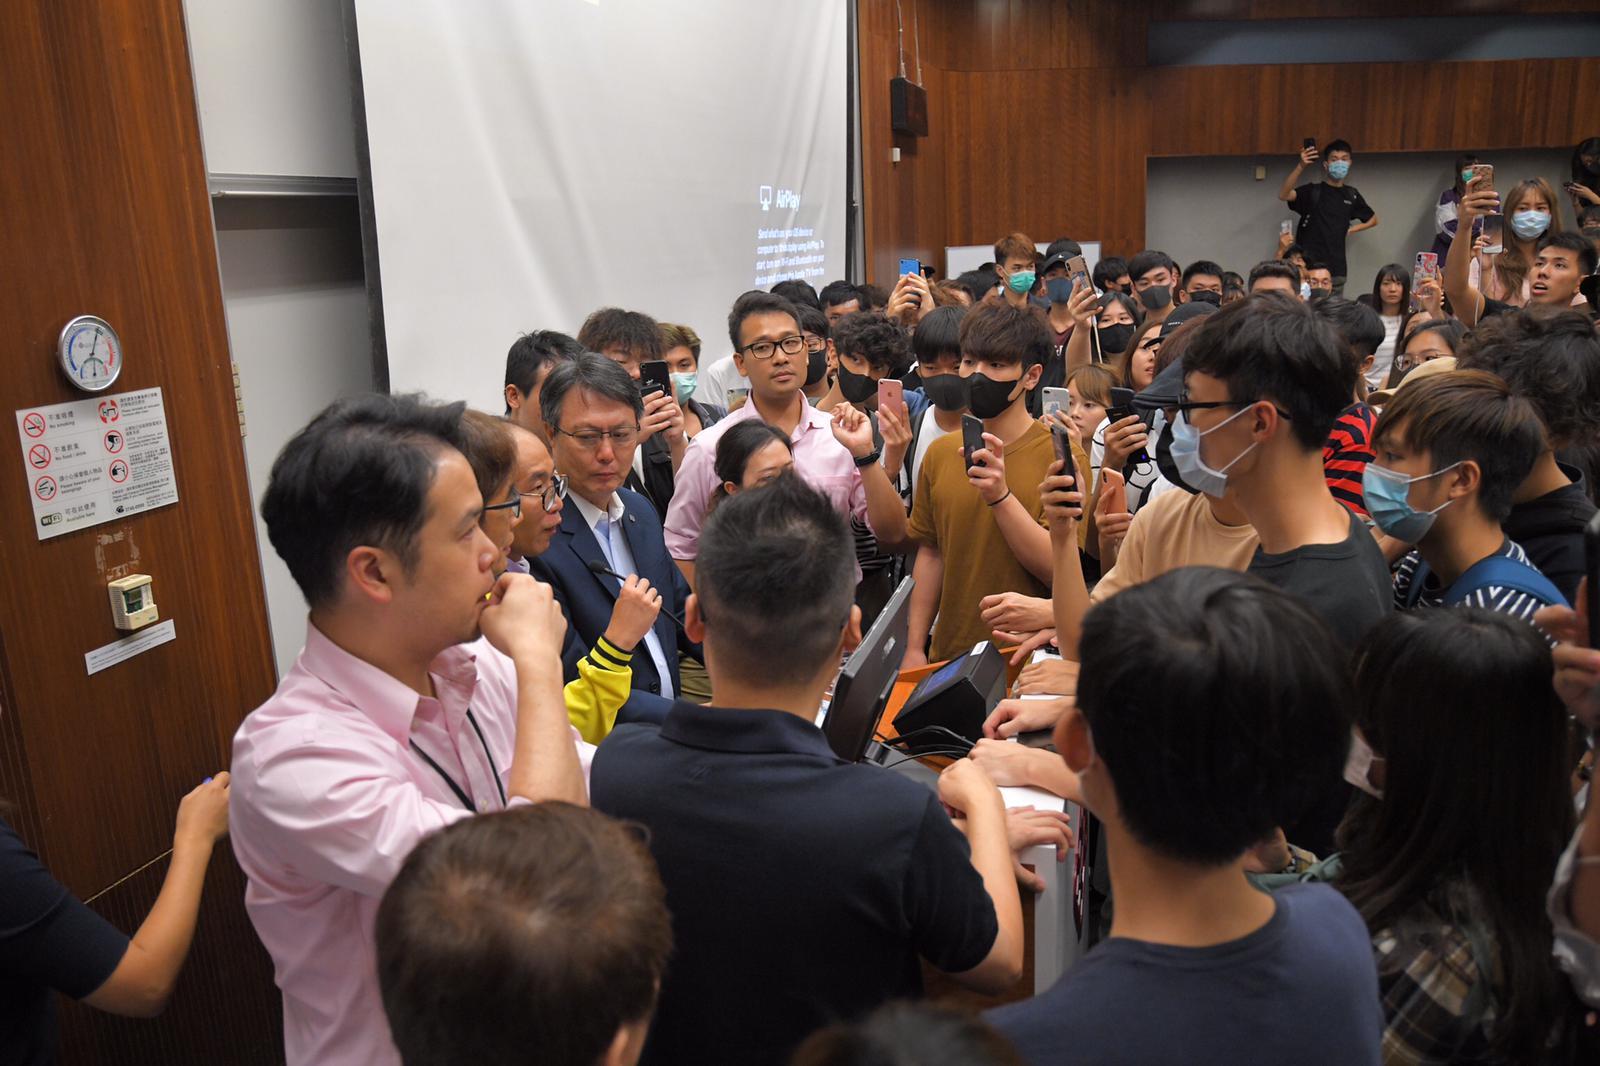 陳偉強被學生包圍要求交代